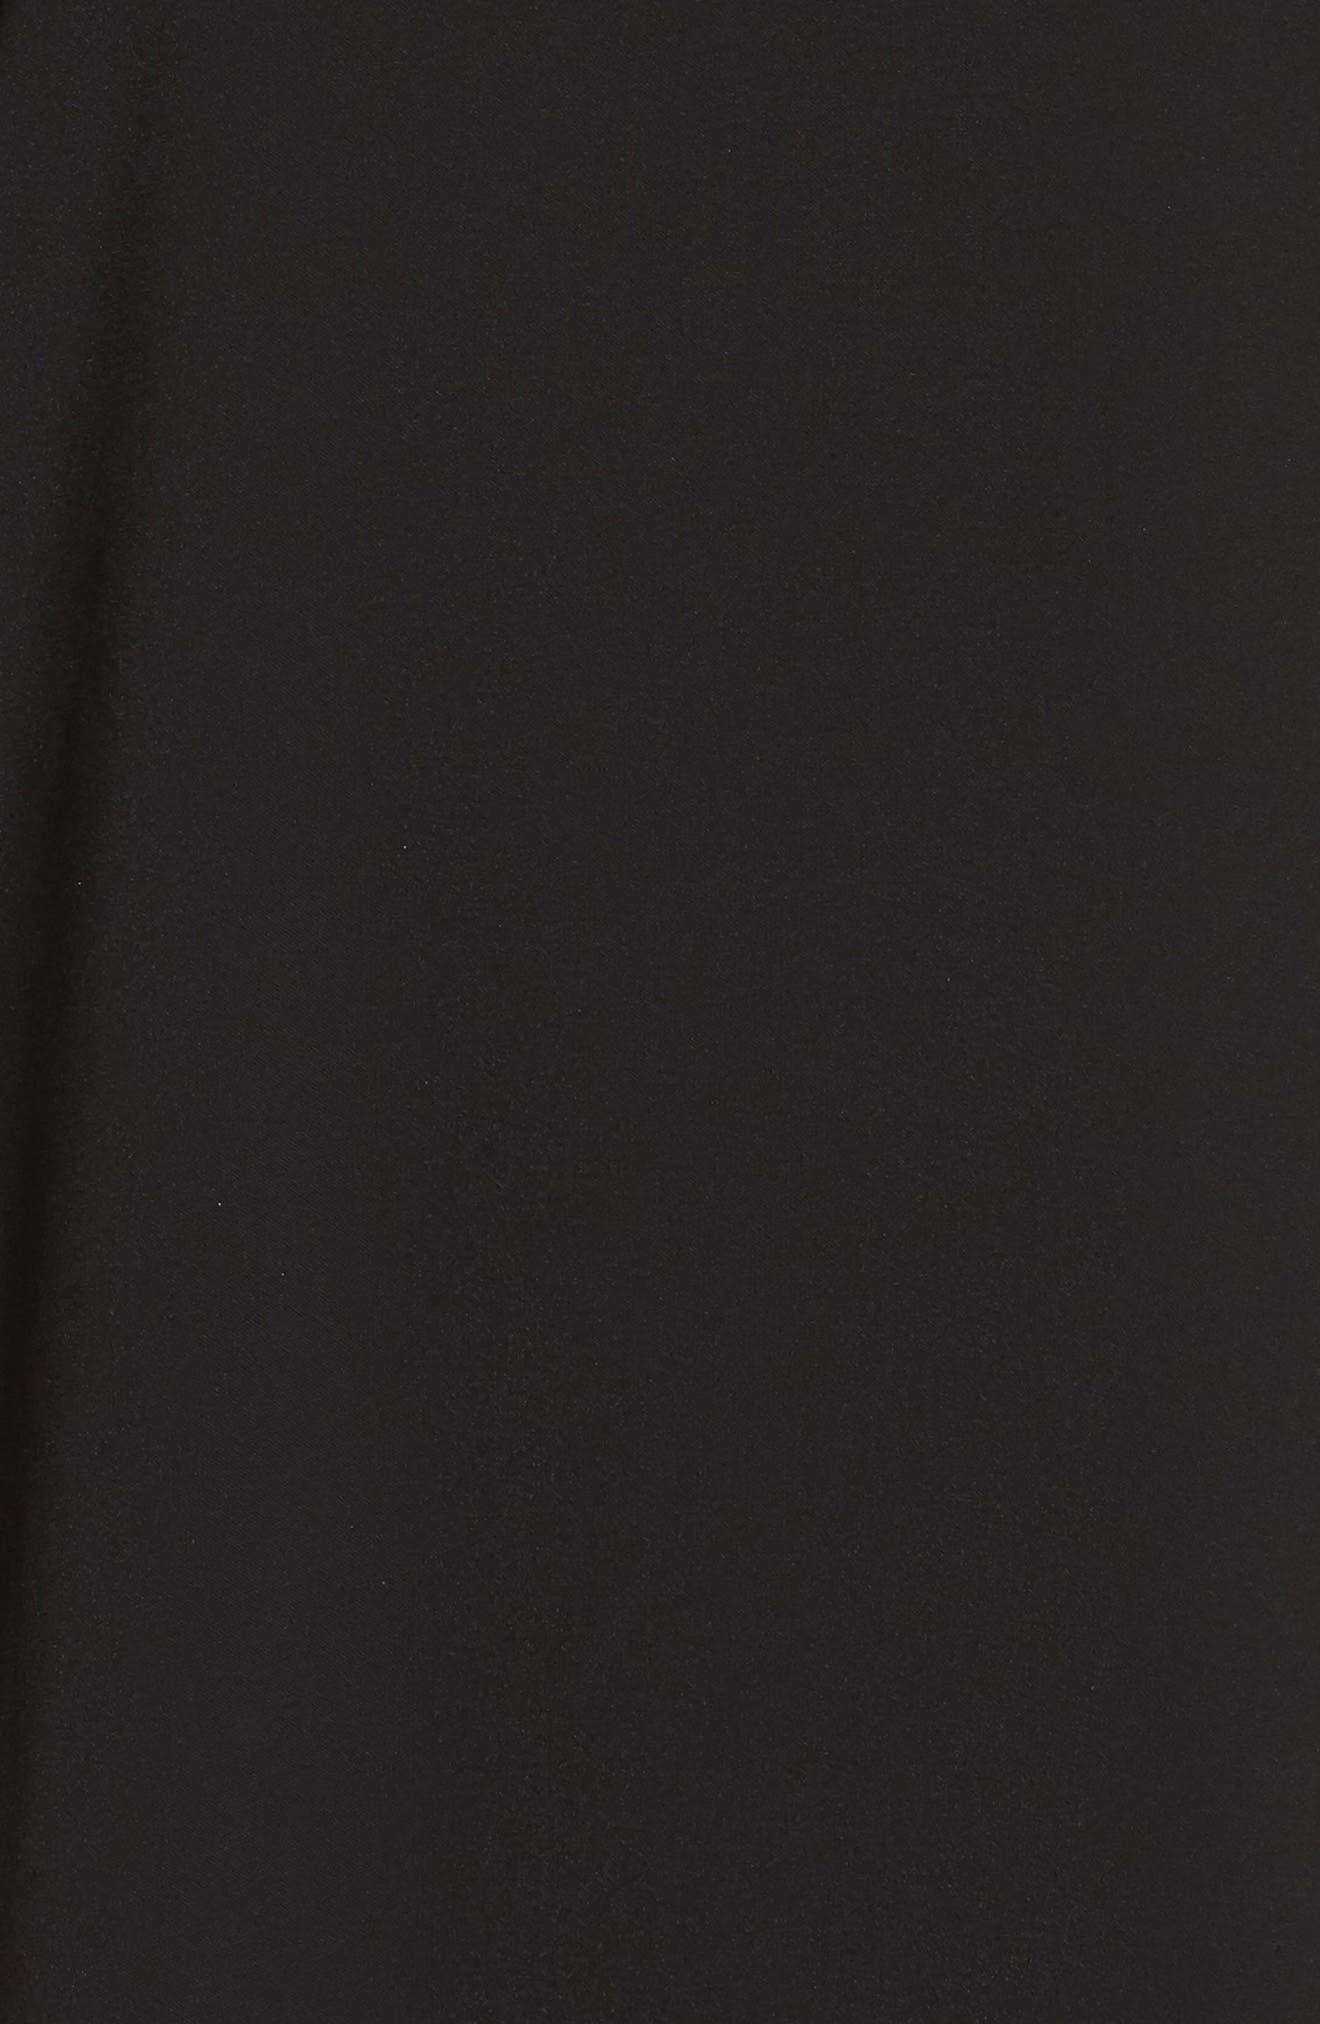 Bell Sleeve Shift Dress,                             Alternate thumbnail 5, color,